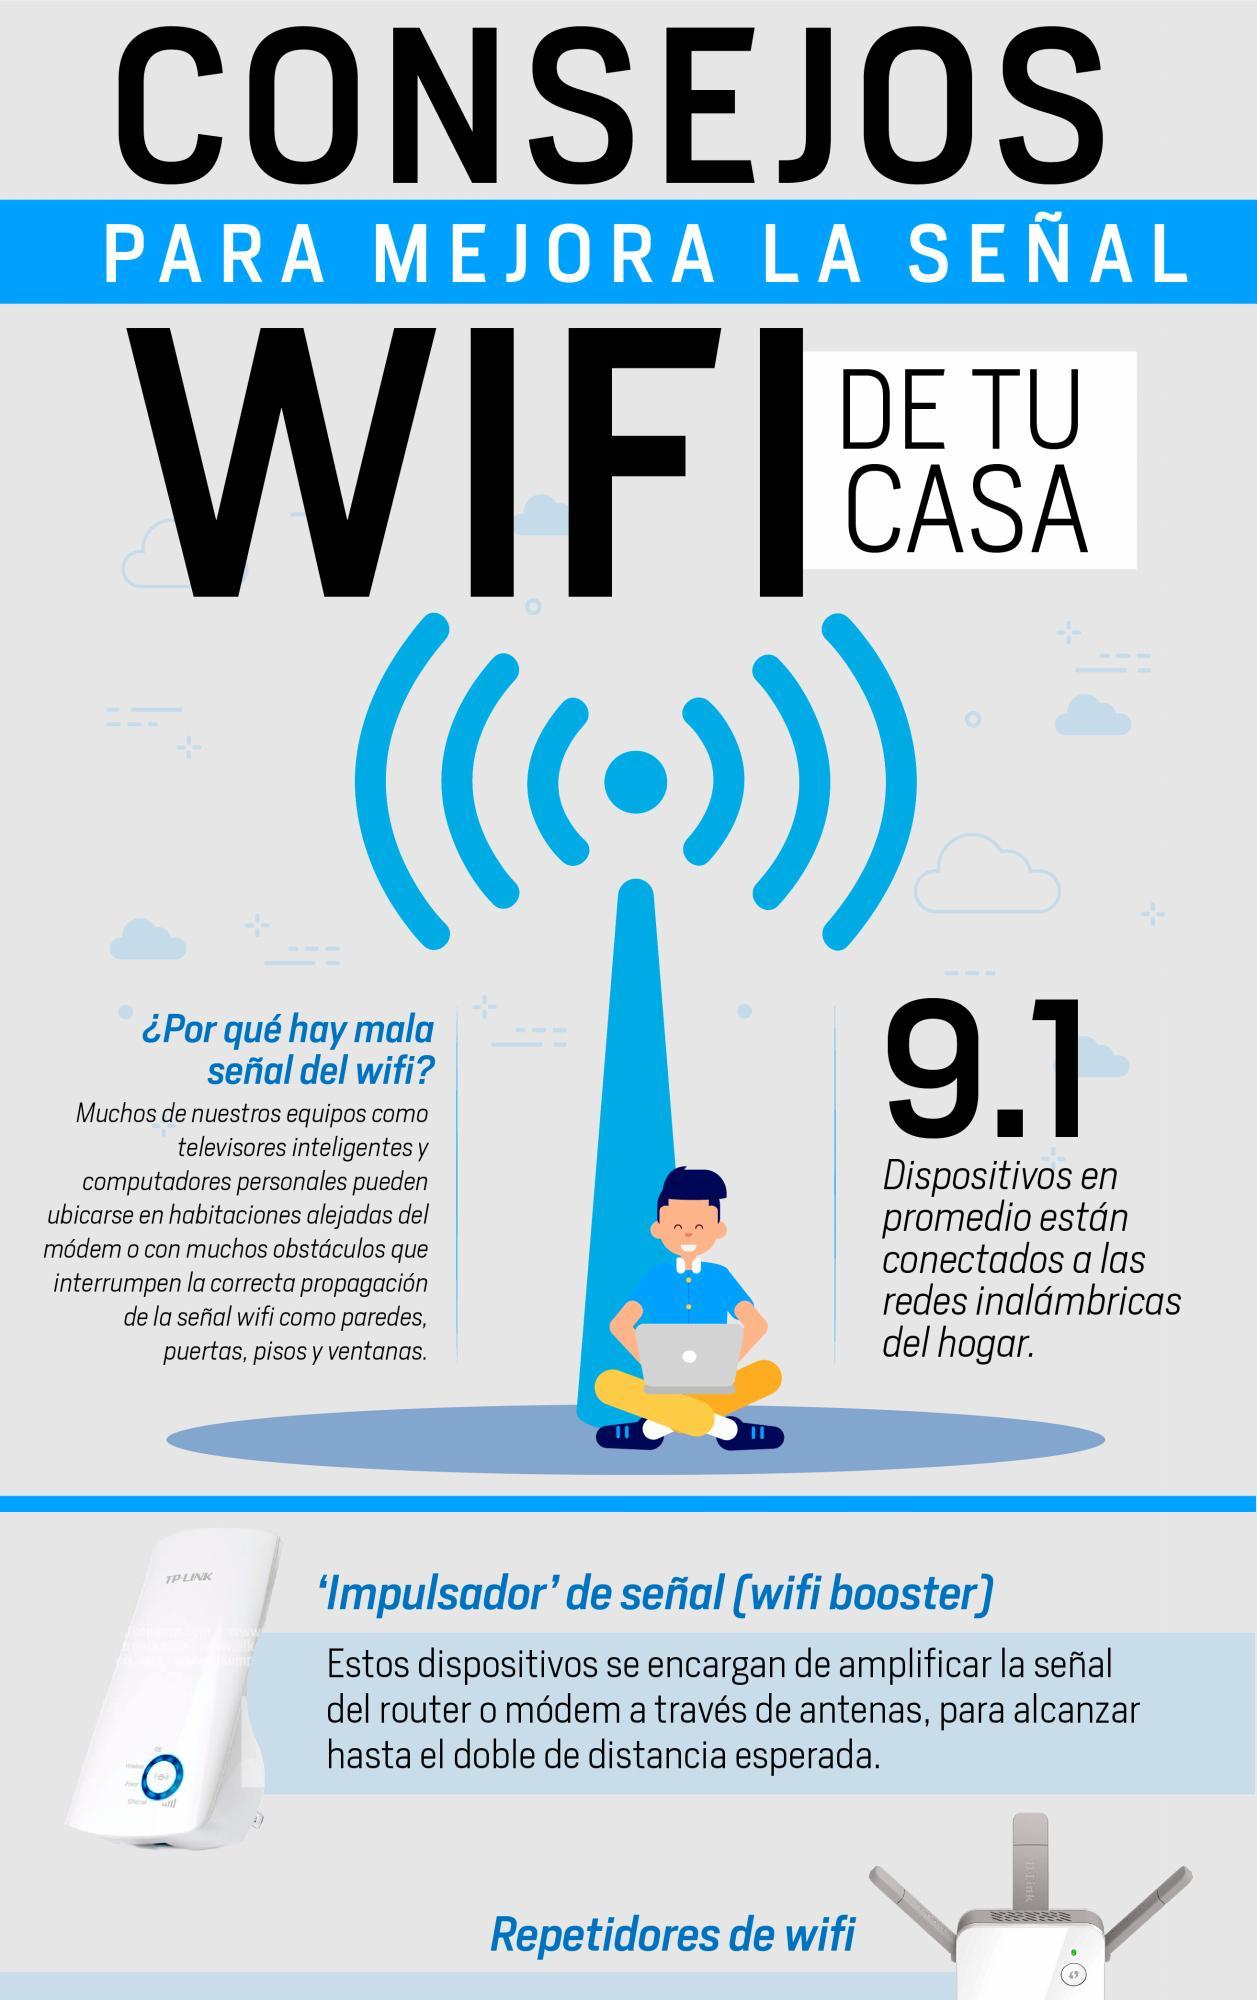 [Infografía] Resuelve de una vez el problema de señal wifi en tu casa